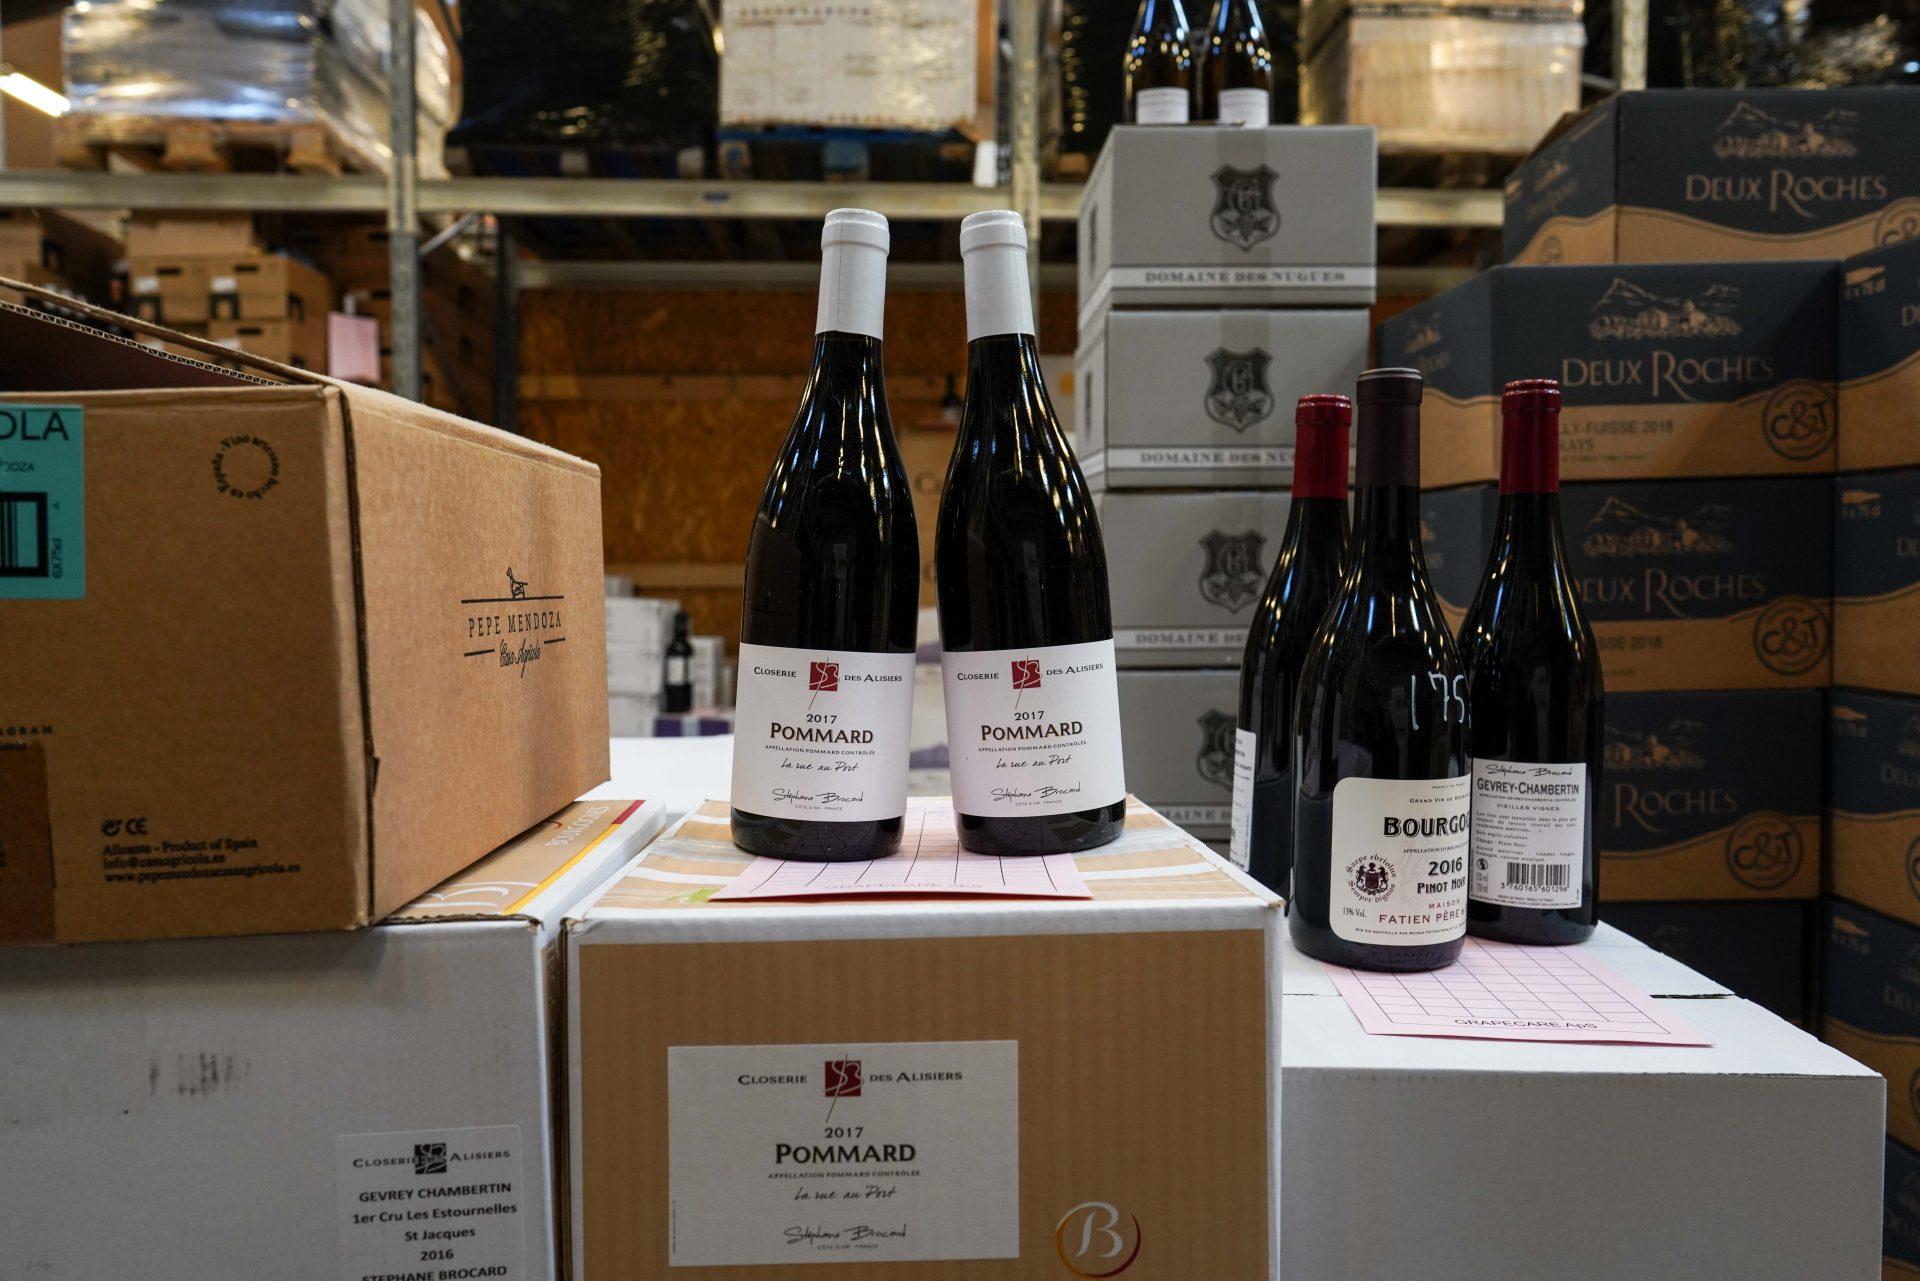 Nytårs-kup på vinlageret: Traditionen tro sælges der vin til engrospriser i Højbjerg